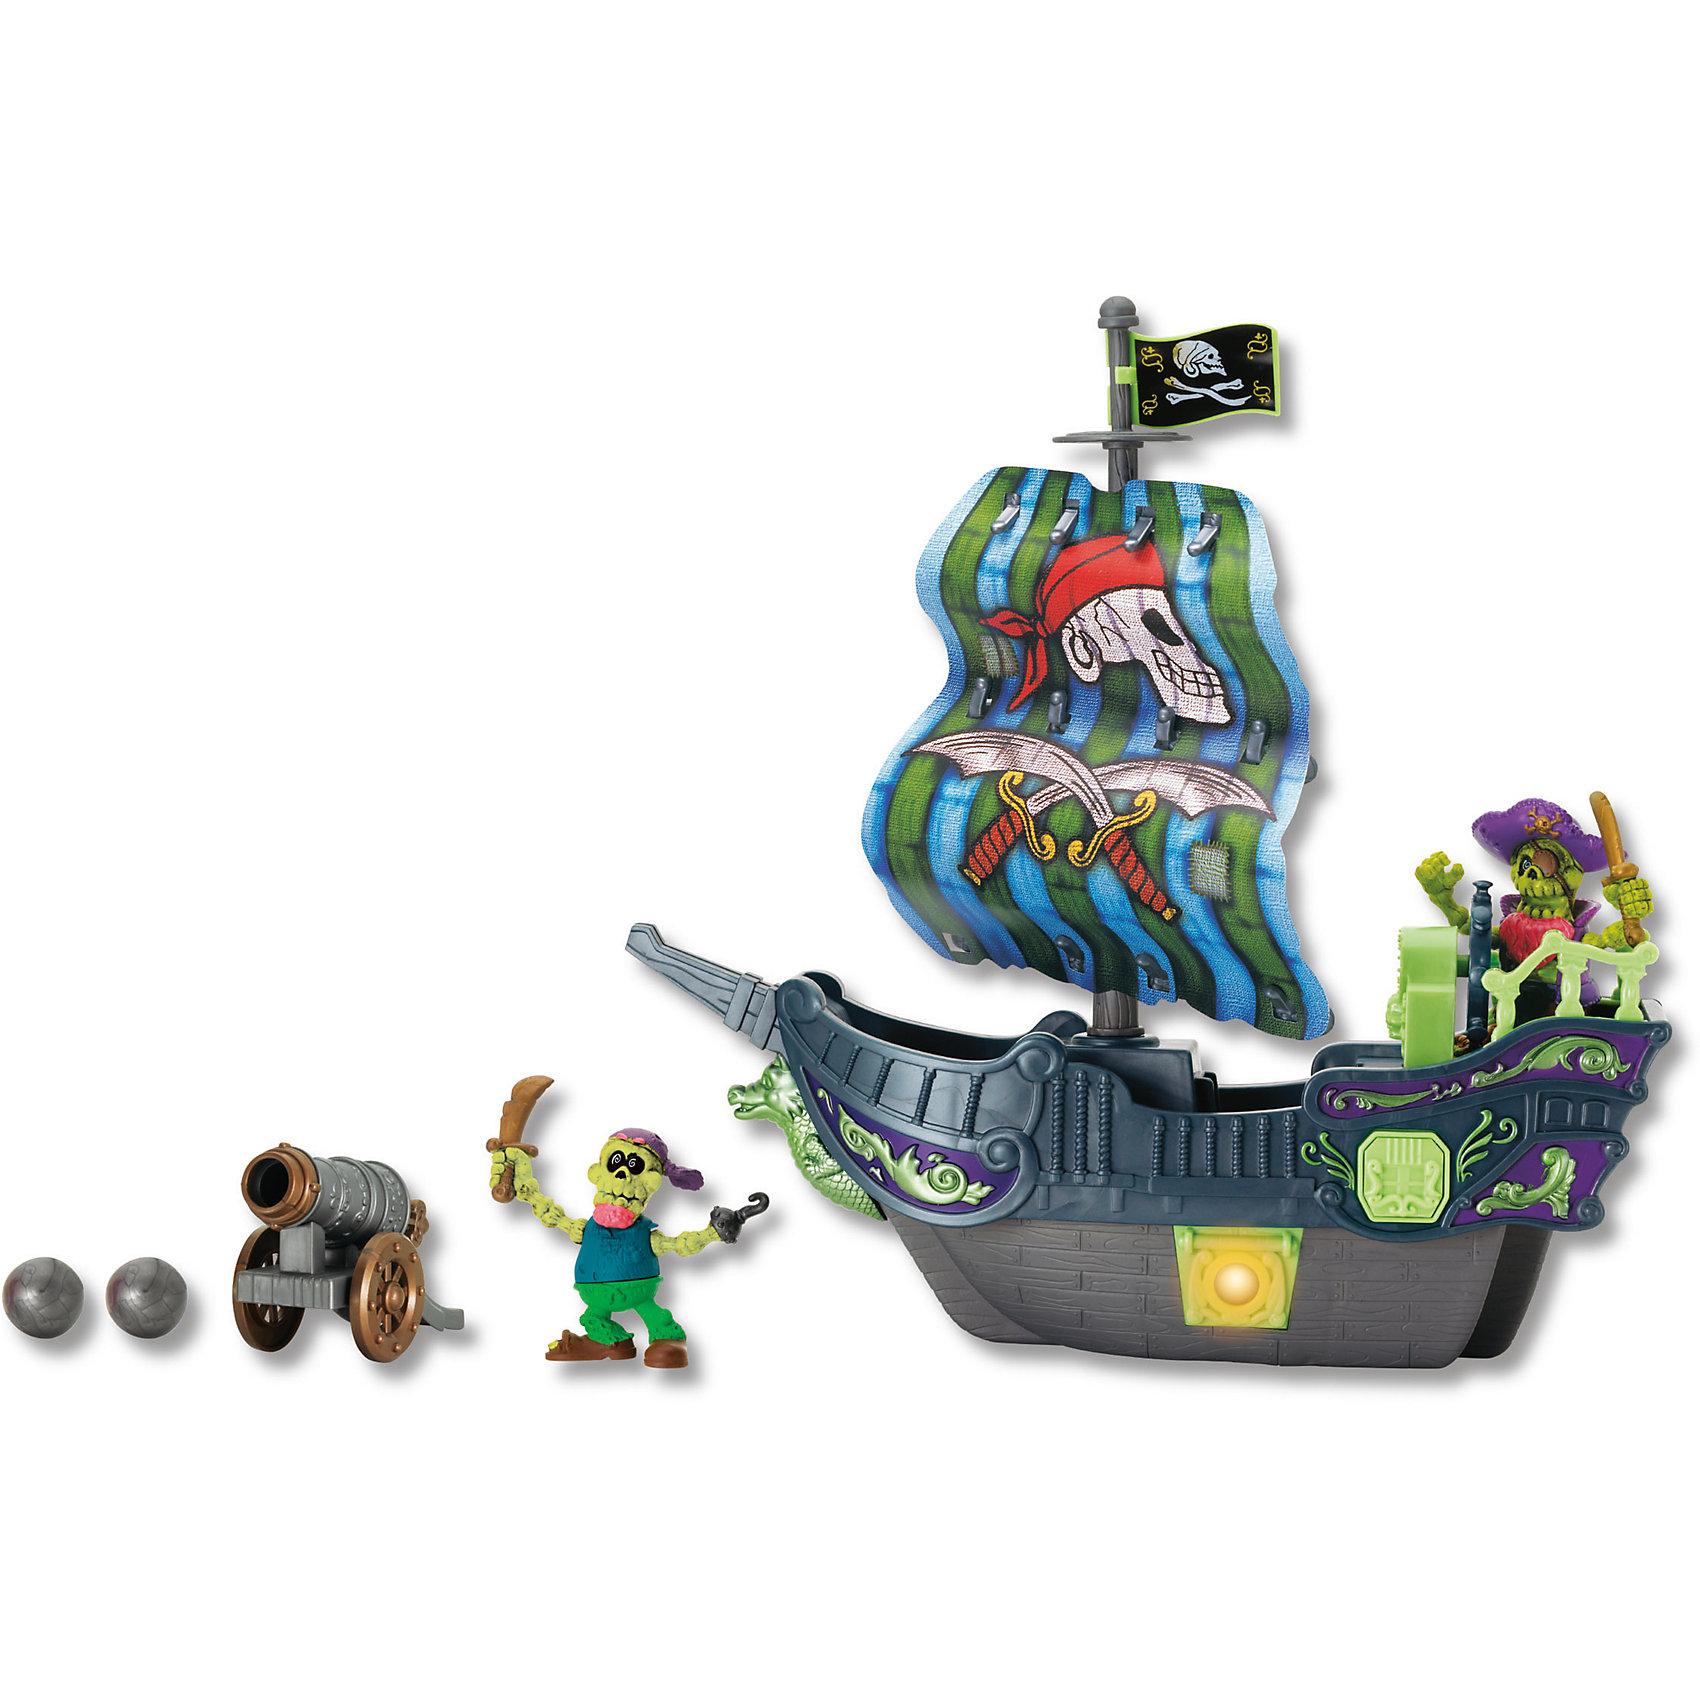 Приключение пиратов. Битва за остров зеленый, KeenwayИгровой набор Приключение пиратов. Битва за остров от  Keenway (Кинвэй) погрузит Вас в мир захватывающих приключений! Дети обожают книги и истории про отважных пиратов и несметные богатства в сундуках. С набором Приключение пиратов. Битва за остров можно разыграть их все!  Набор содержит все необходимое, чтобы создать захватывающие истории про морские сражения. В наборе 2 пирата, поэтому можно играть с другом и игра станет еще более захватывающей! Решайте чей пират самый решительный и смелый: кто выстрелит из пушки, а кто найдет сундуки с сокровищами! Набор выполнен из качественного пластика и имеет множество просто потрясающих аксессуаров, которые разнообразят игру. Создавайте полный приключений мир вместе с набором Приключение пиратов. Битва за остров от Keenway (Кинвэй)!<br><br>Дополнительная информация: <br><br>- В комплекте: корабль, 2 пирата, сокровища;<br>- Развивает фантазию и мышление;<br>- Можно играть одному или с друзьями;<br>- Световые эффекты;<br>- Прекрасное качество исполнения;<br>- Потрясающий подарок;<br>- Тип батареек: 2 x AA / LR6 1.5V (в комплекте);<br>- Цвет: зеленый;<br>- Размер упаковки: 12,7 х 36,8 х 40;<br>- Вес: 1 кг<br><br>Приключение пиратов. Битва за остров зеленый, Keenway (Кинвэй)  можно купить в нашем интернет-магазине<br><br>Ширина мм: 127<br>Глубина мм: 127<br>Высота мм: 400<br>Вес г: 1040<br>Возраст от месяцев: 36<br>Возраст до месяцев: 84<br>Пол: Мужской<br>Возраст: Детский<br>SKU: 4001666